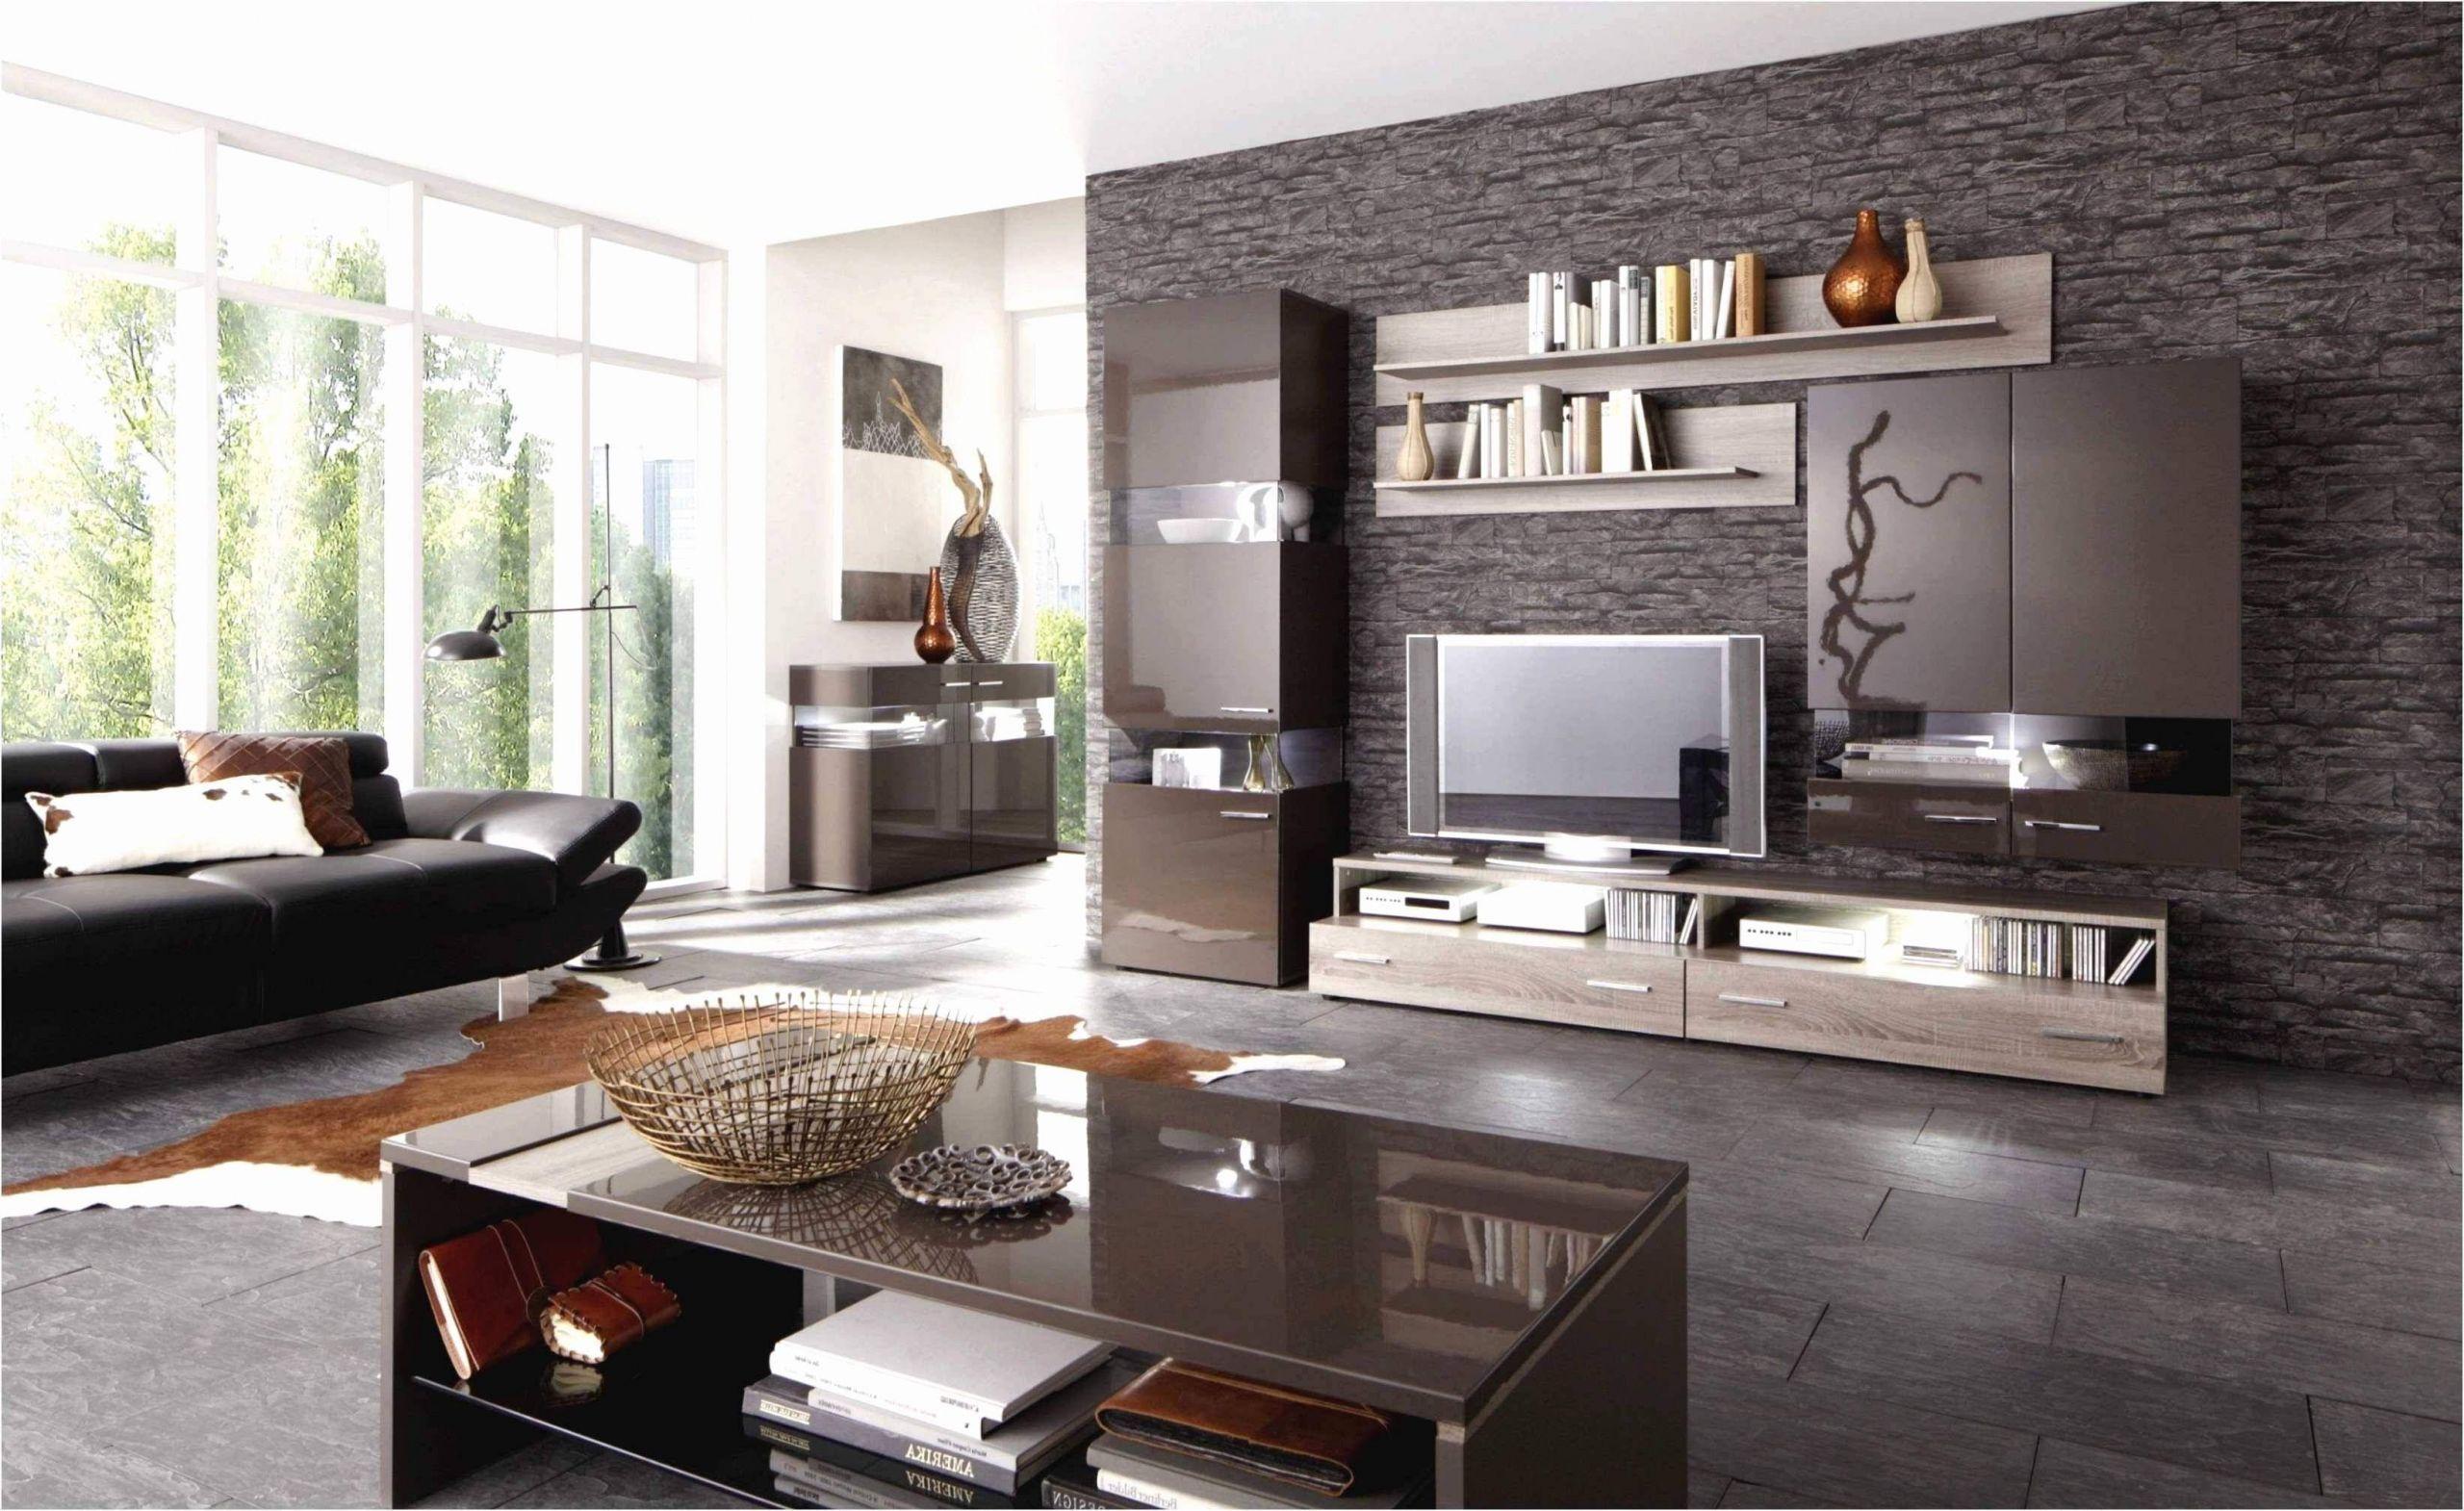 wohnzimmer deko online shop luxus wohnzimmer deko line shop elegant of wohnzimmer deko online shop scaled